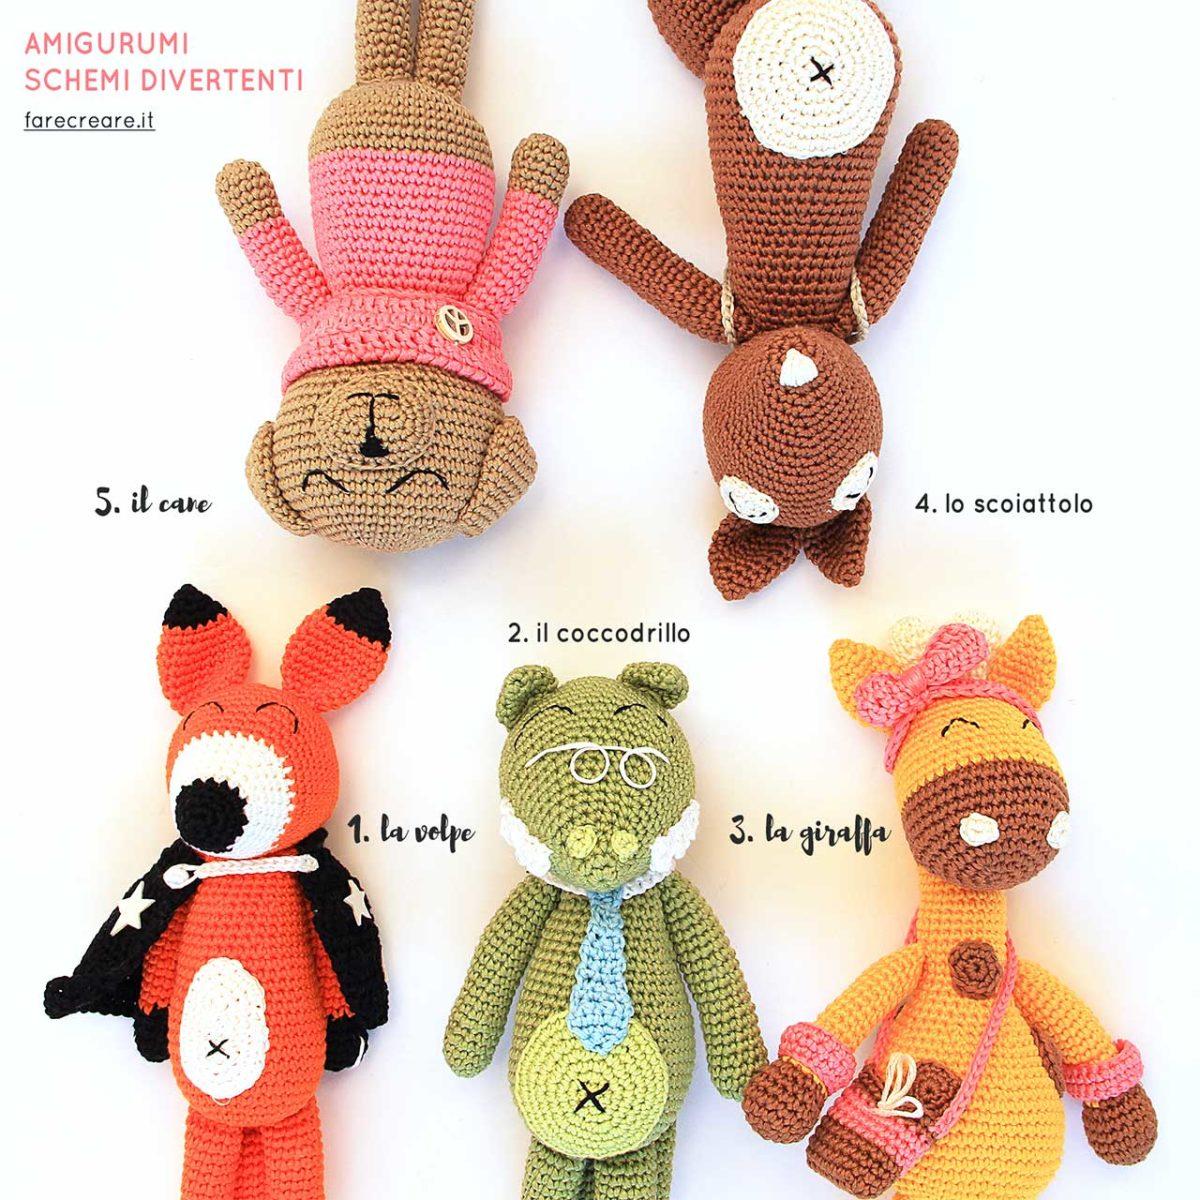 amigurumi animali : volpe, coccodrillo, giraffa, scoiattolo, cane